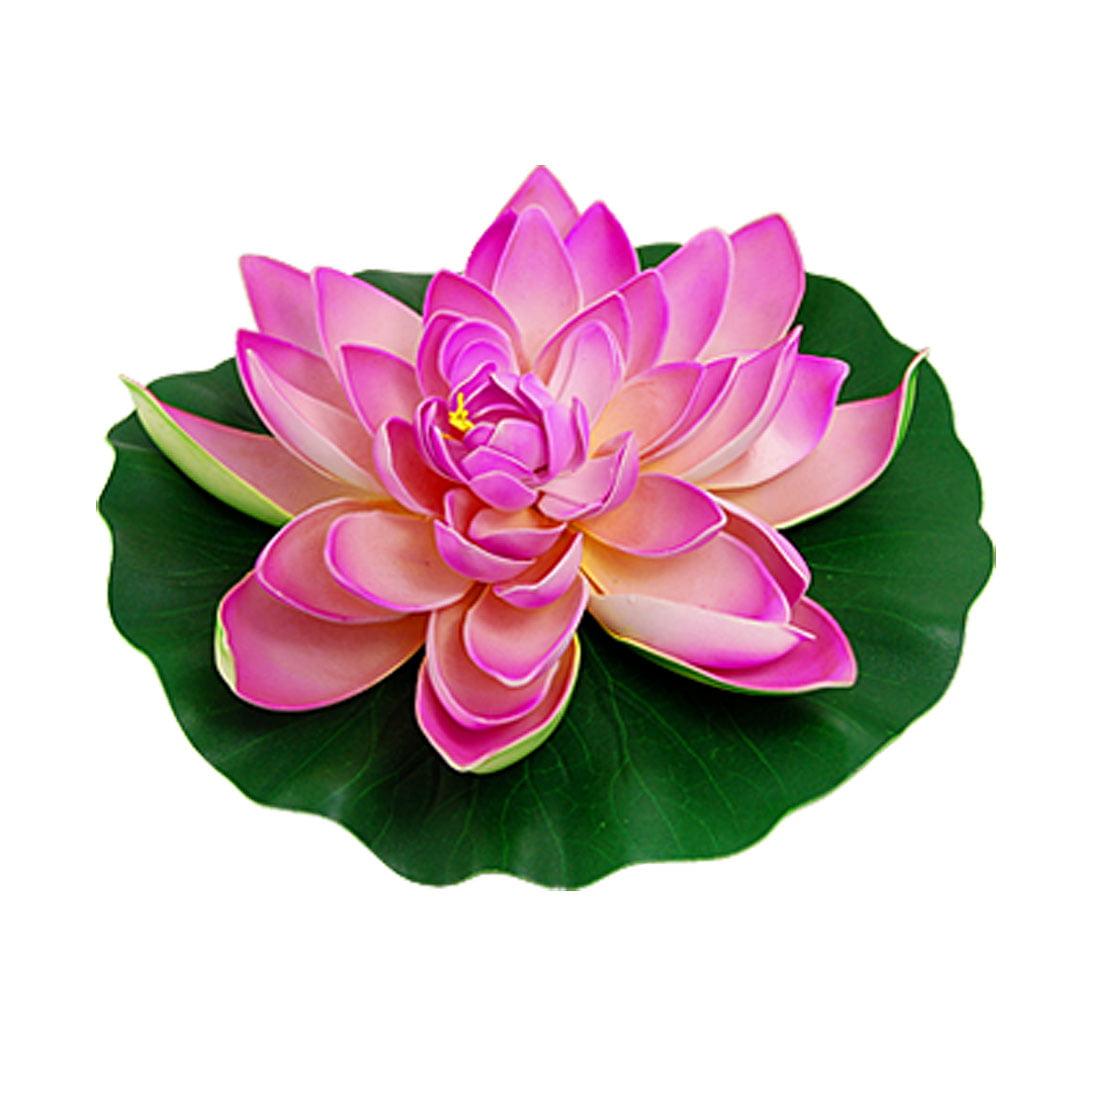 Unique Bargains Aquarium Decoration Green Leaf Pink Lotus Flower Plants